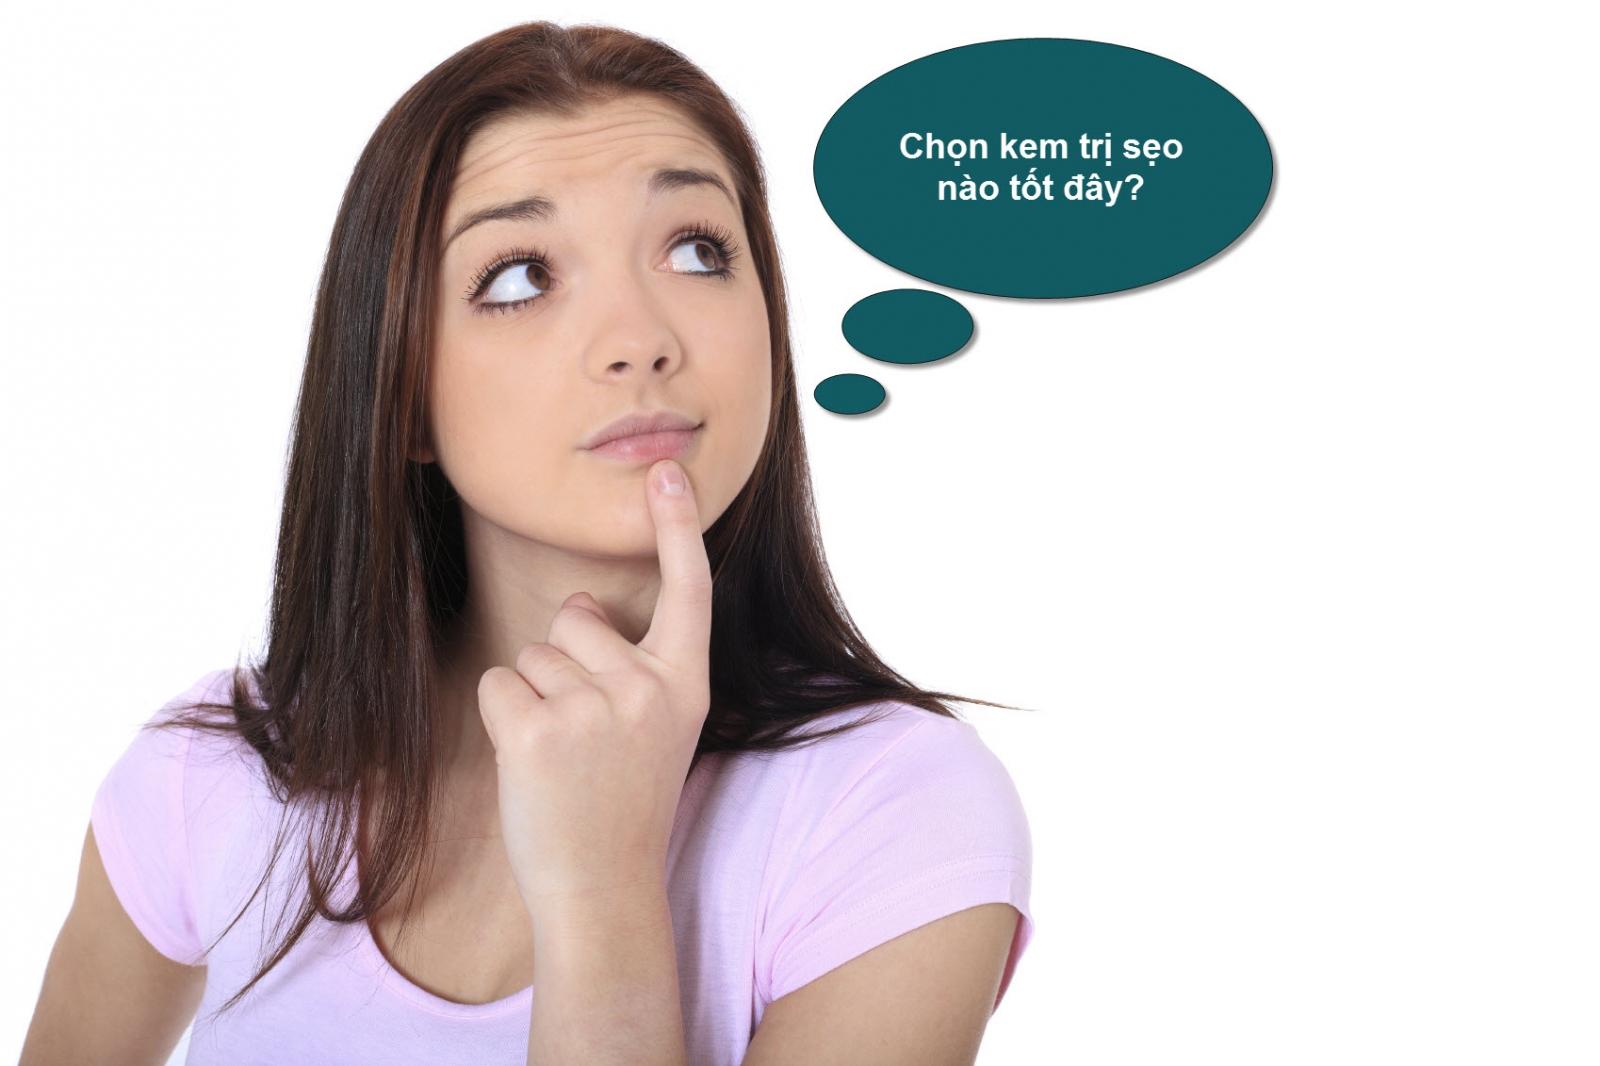 Kem trị sẹo Scar Esthetique có tốt không? Hiệu quả với những loại sẹo nào?